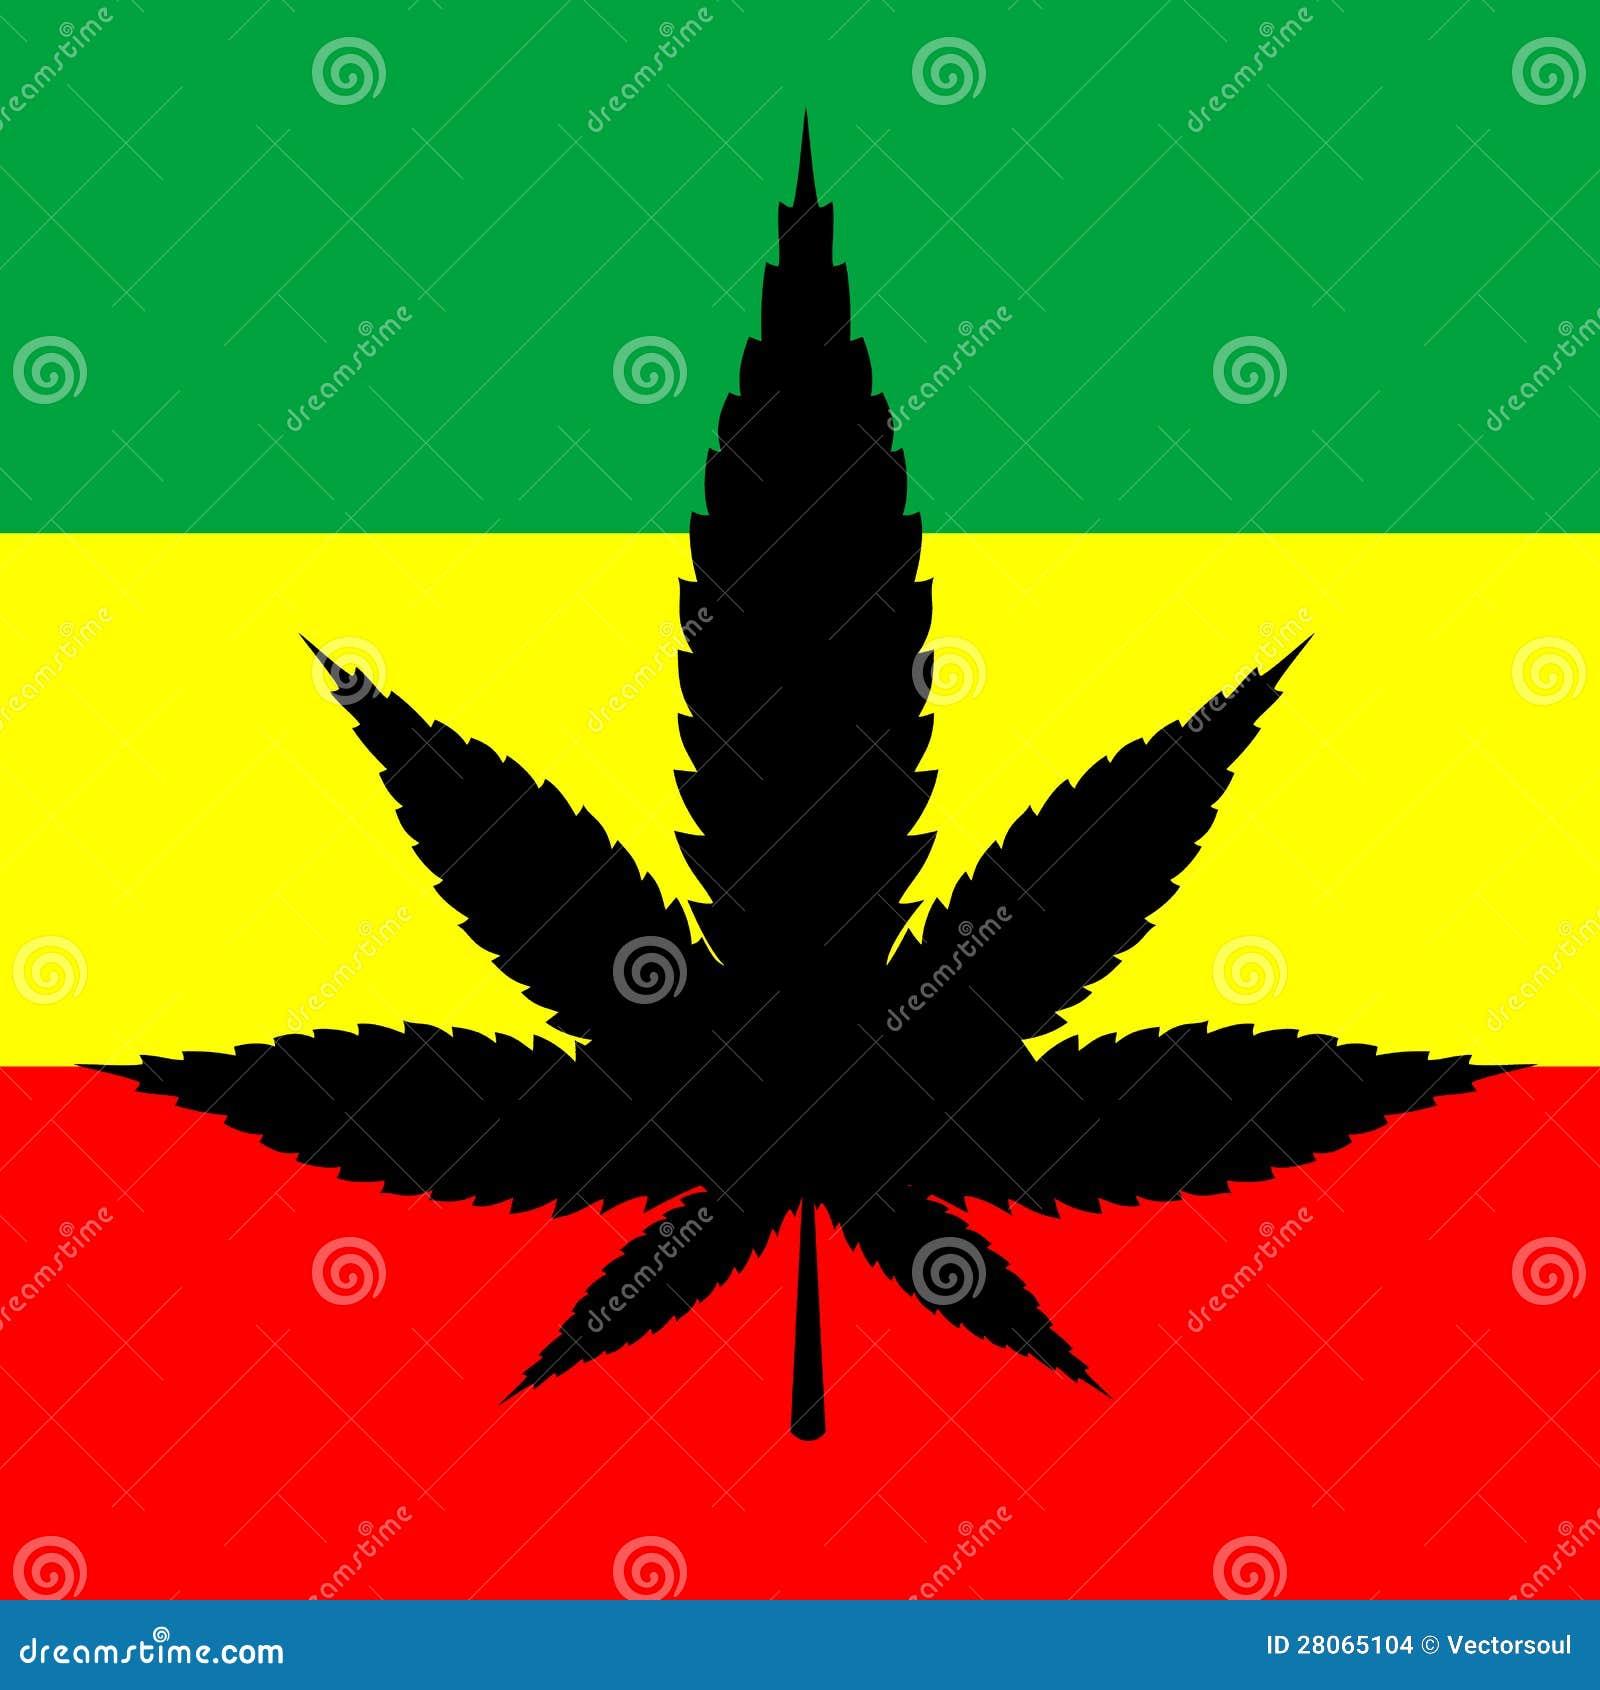 Marijuana Leaf Stock Images - Image: 28065104